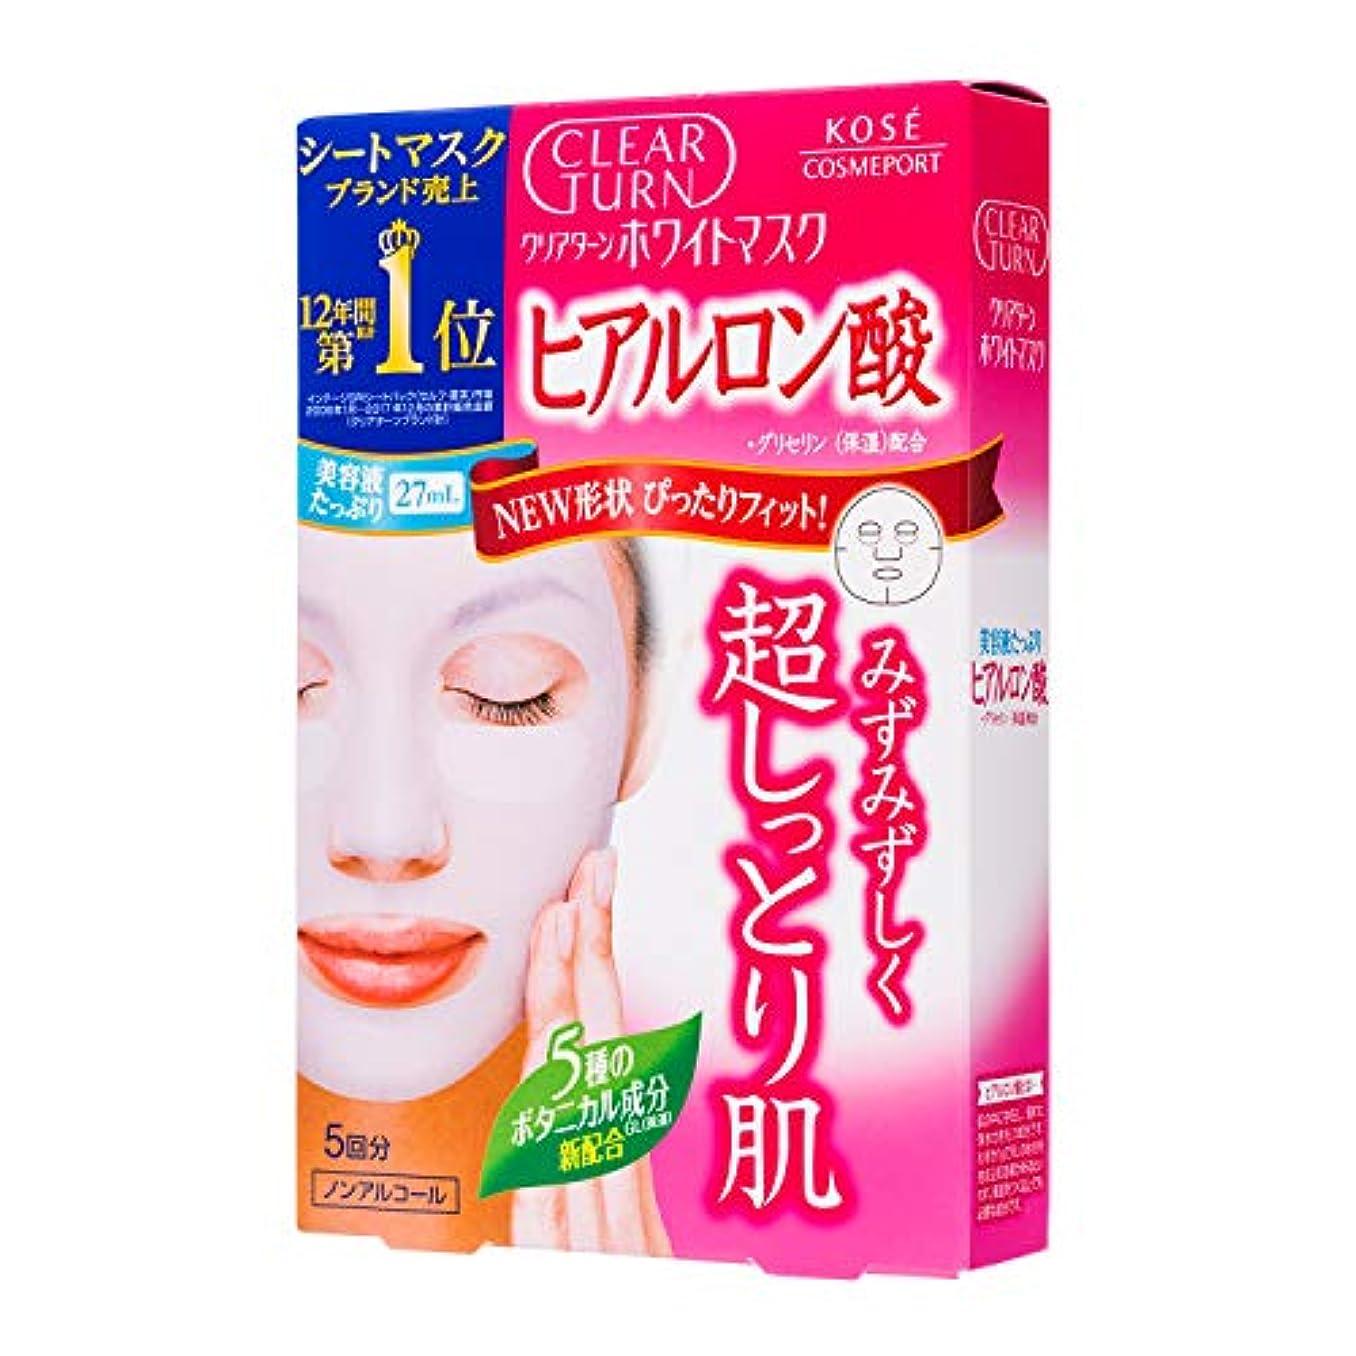 会計士代替案拒絶KOSE コーセー クリアターン ホワイト マスク HA (ヒアルロン酸) 5回分 (22mL×5)